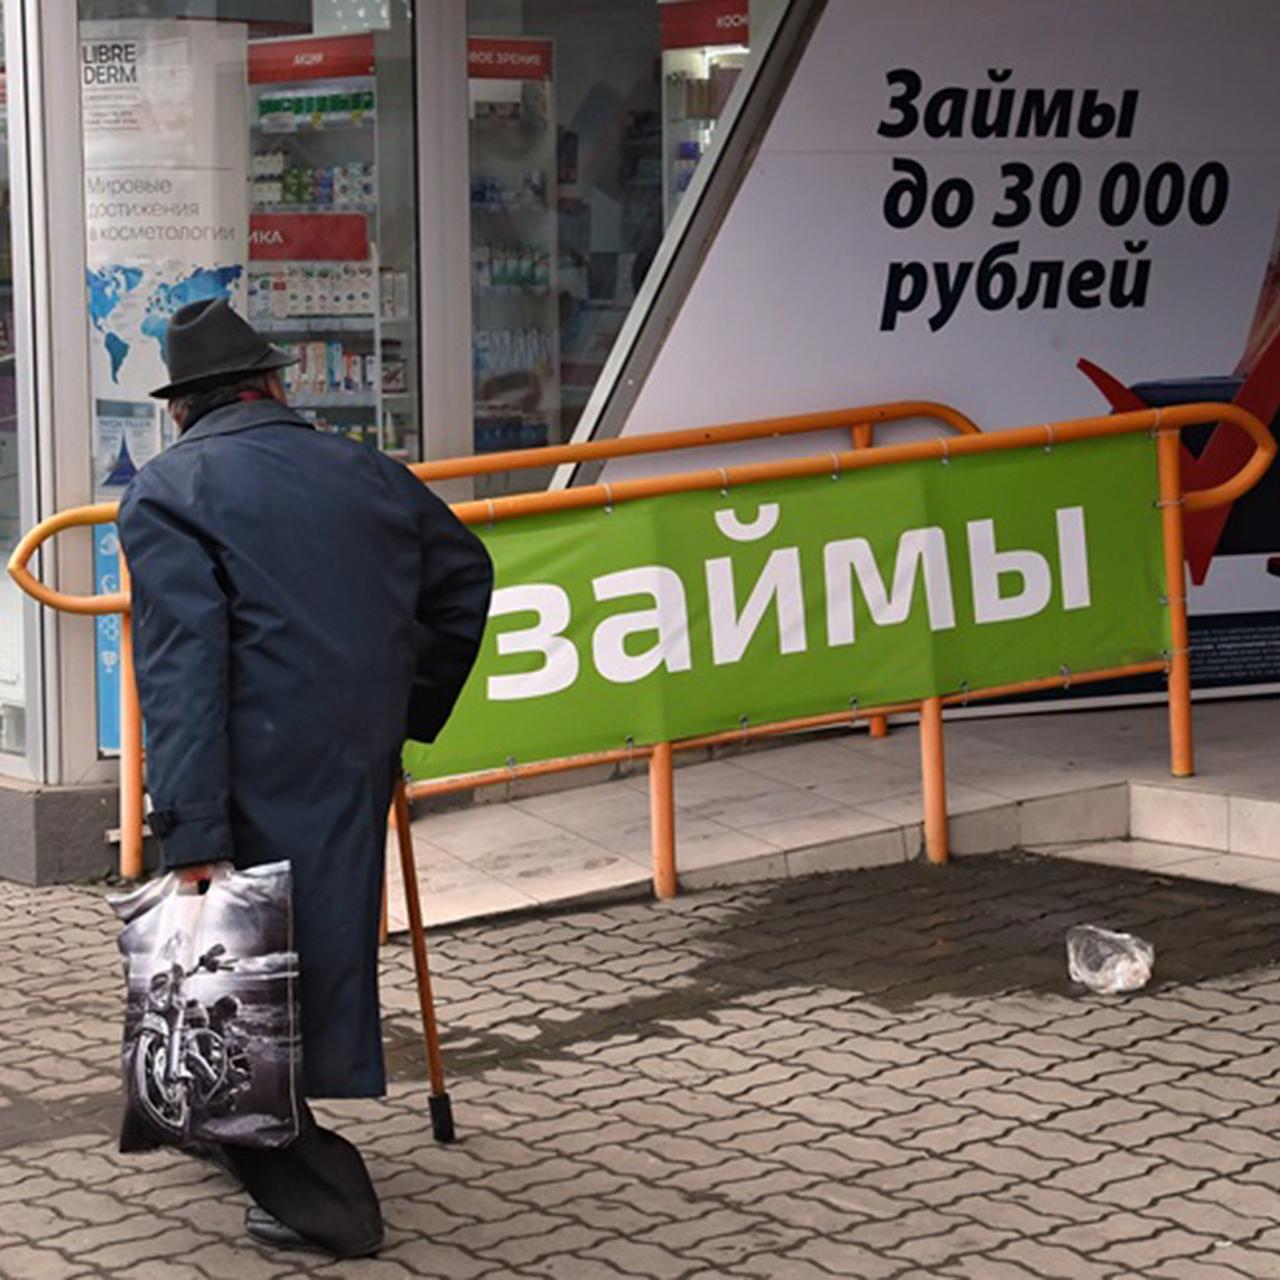 1 января 2020 года павел витальевич взял в банке 1 млн рублей в кредит схема